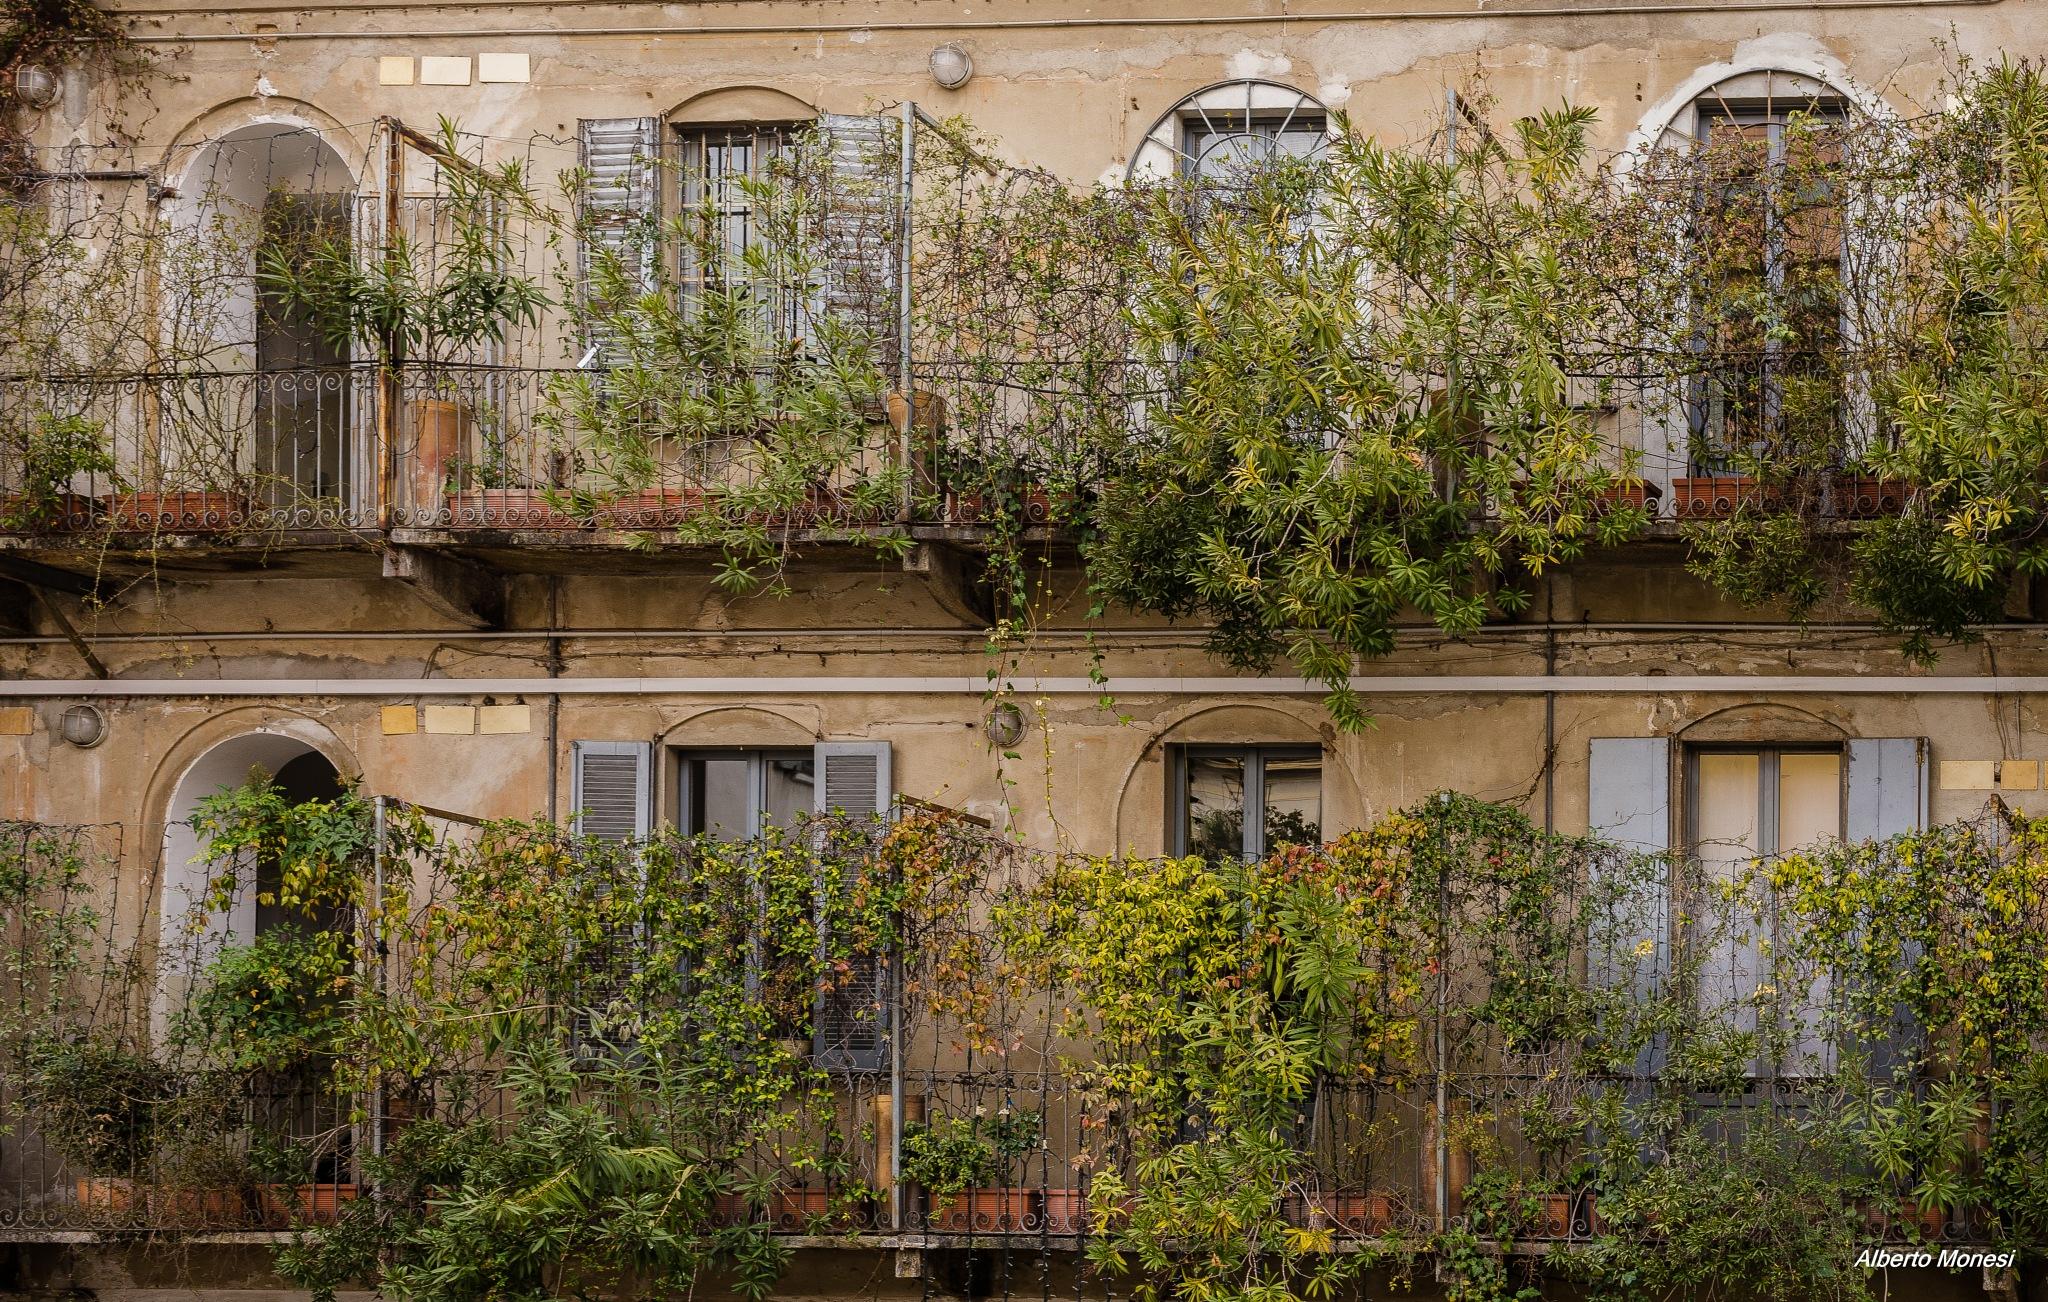 case di ringhiera by Alberto Monesi